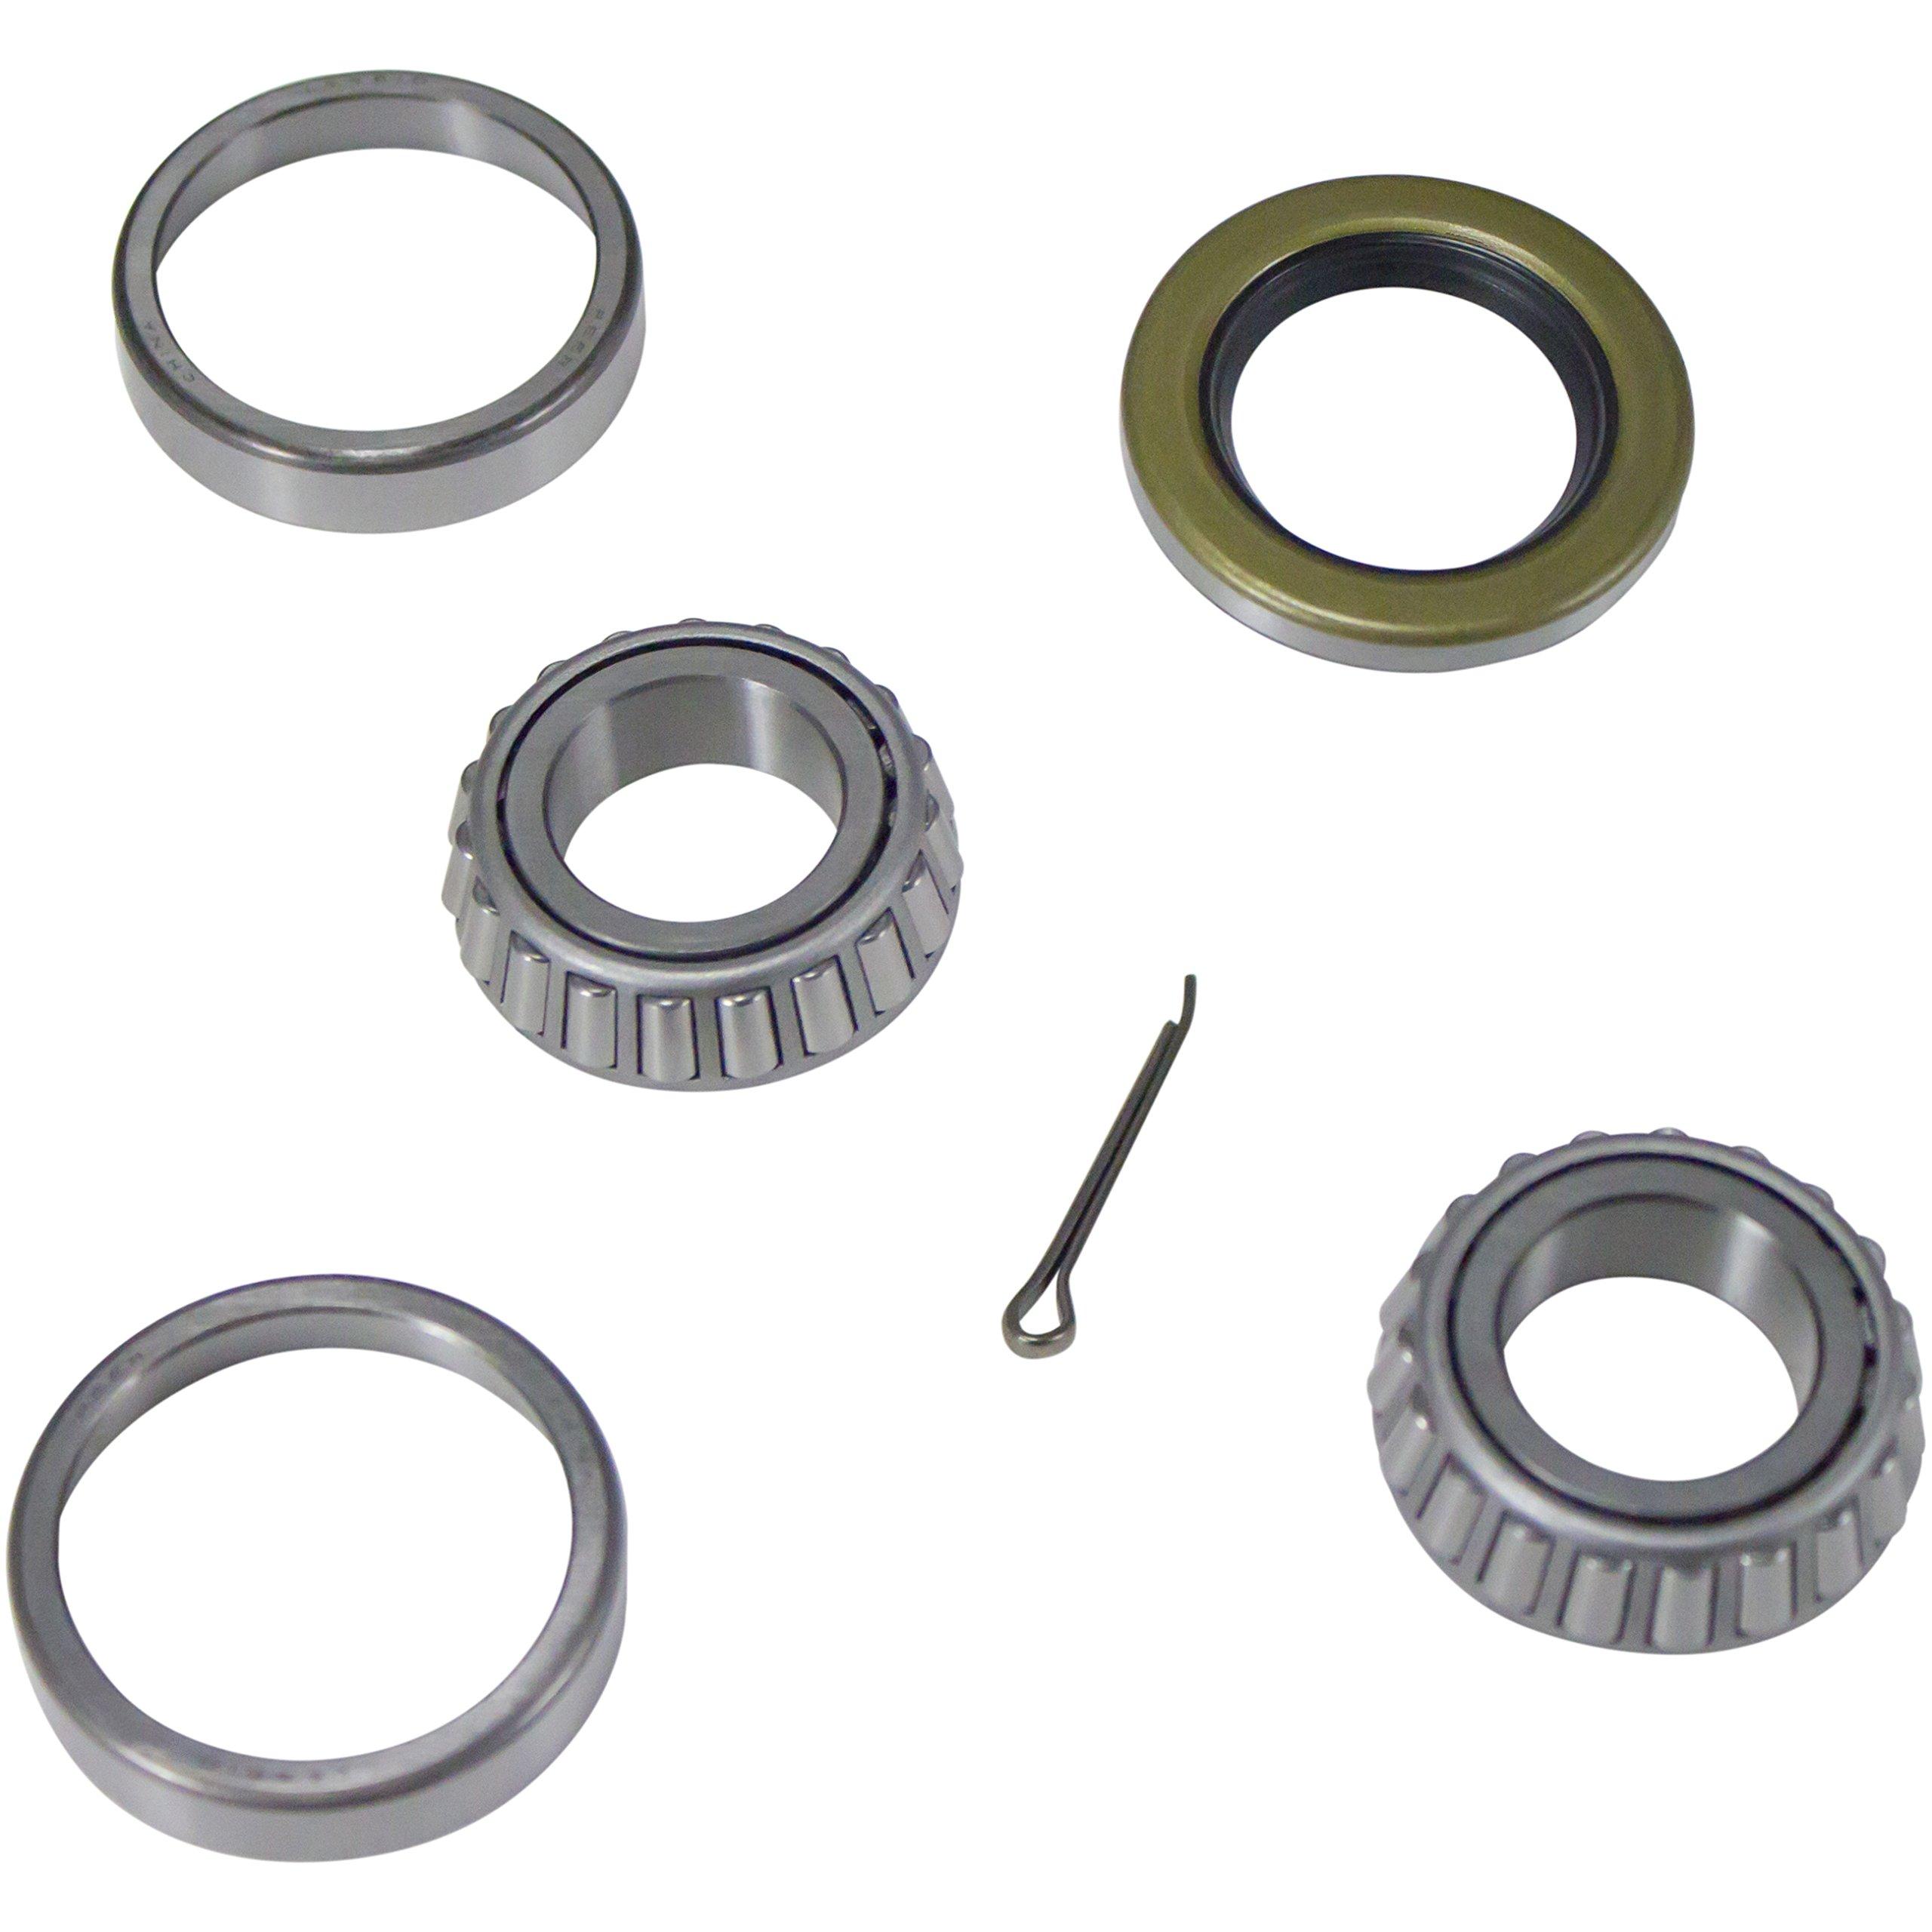 Dutton-Lainson 6502 Bearing Set